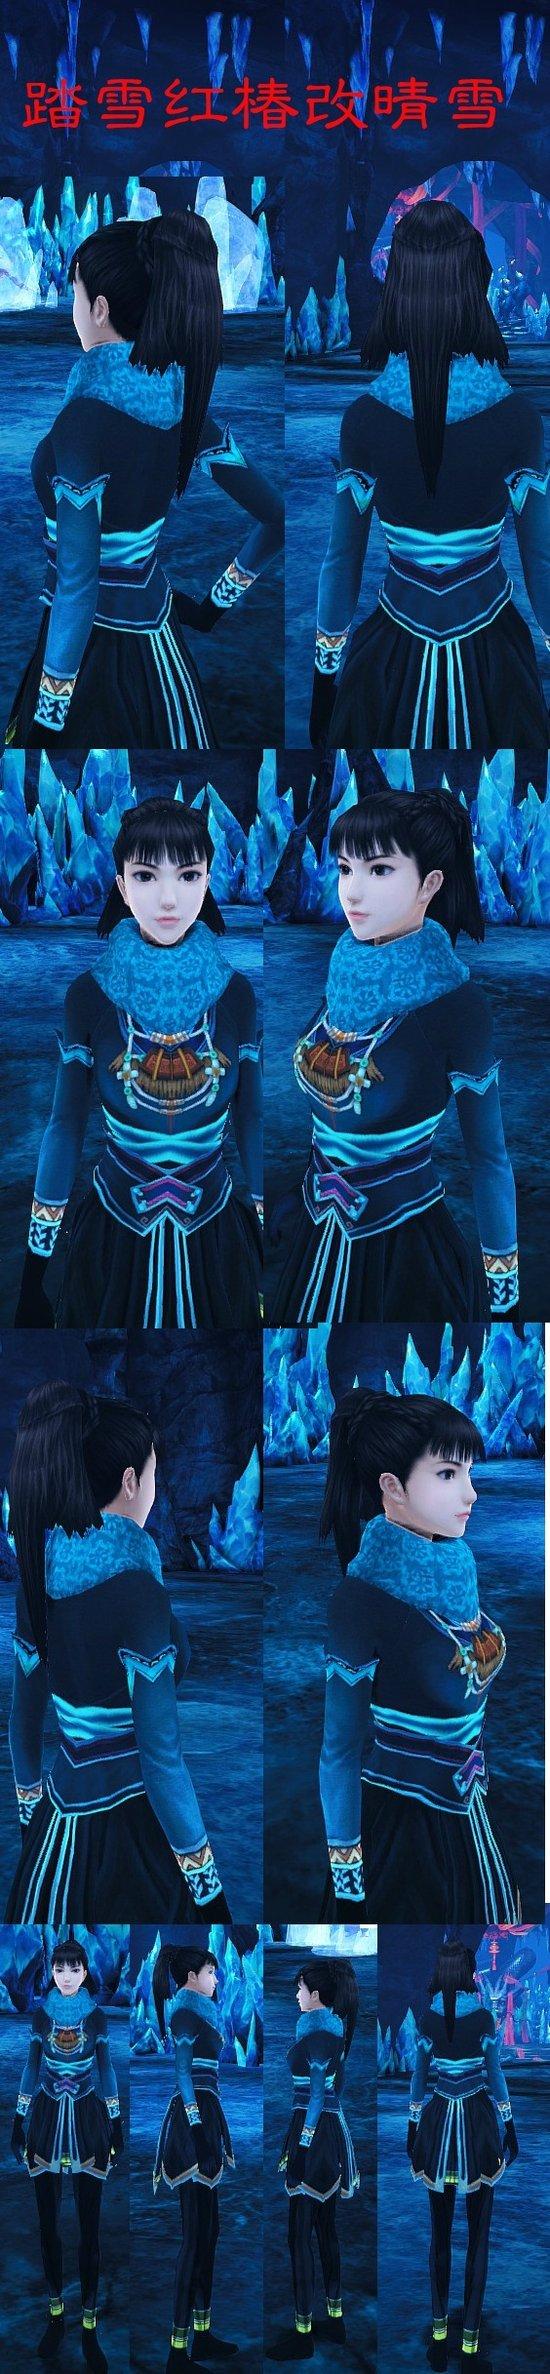 《古剑奇谭2》MOD 闻人羽踏雪红椿改晴雪装